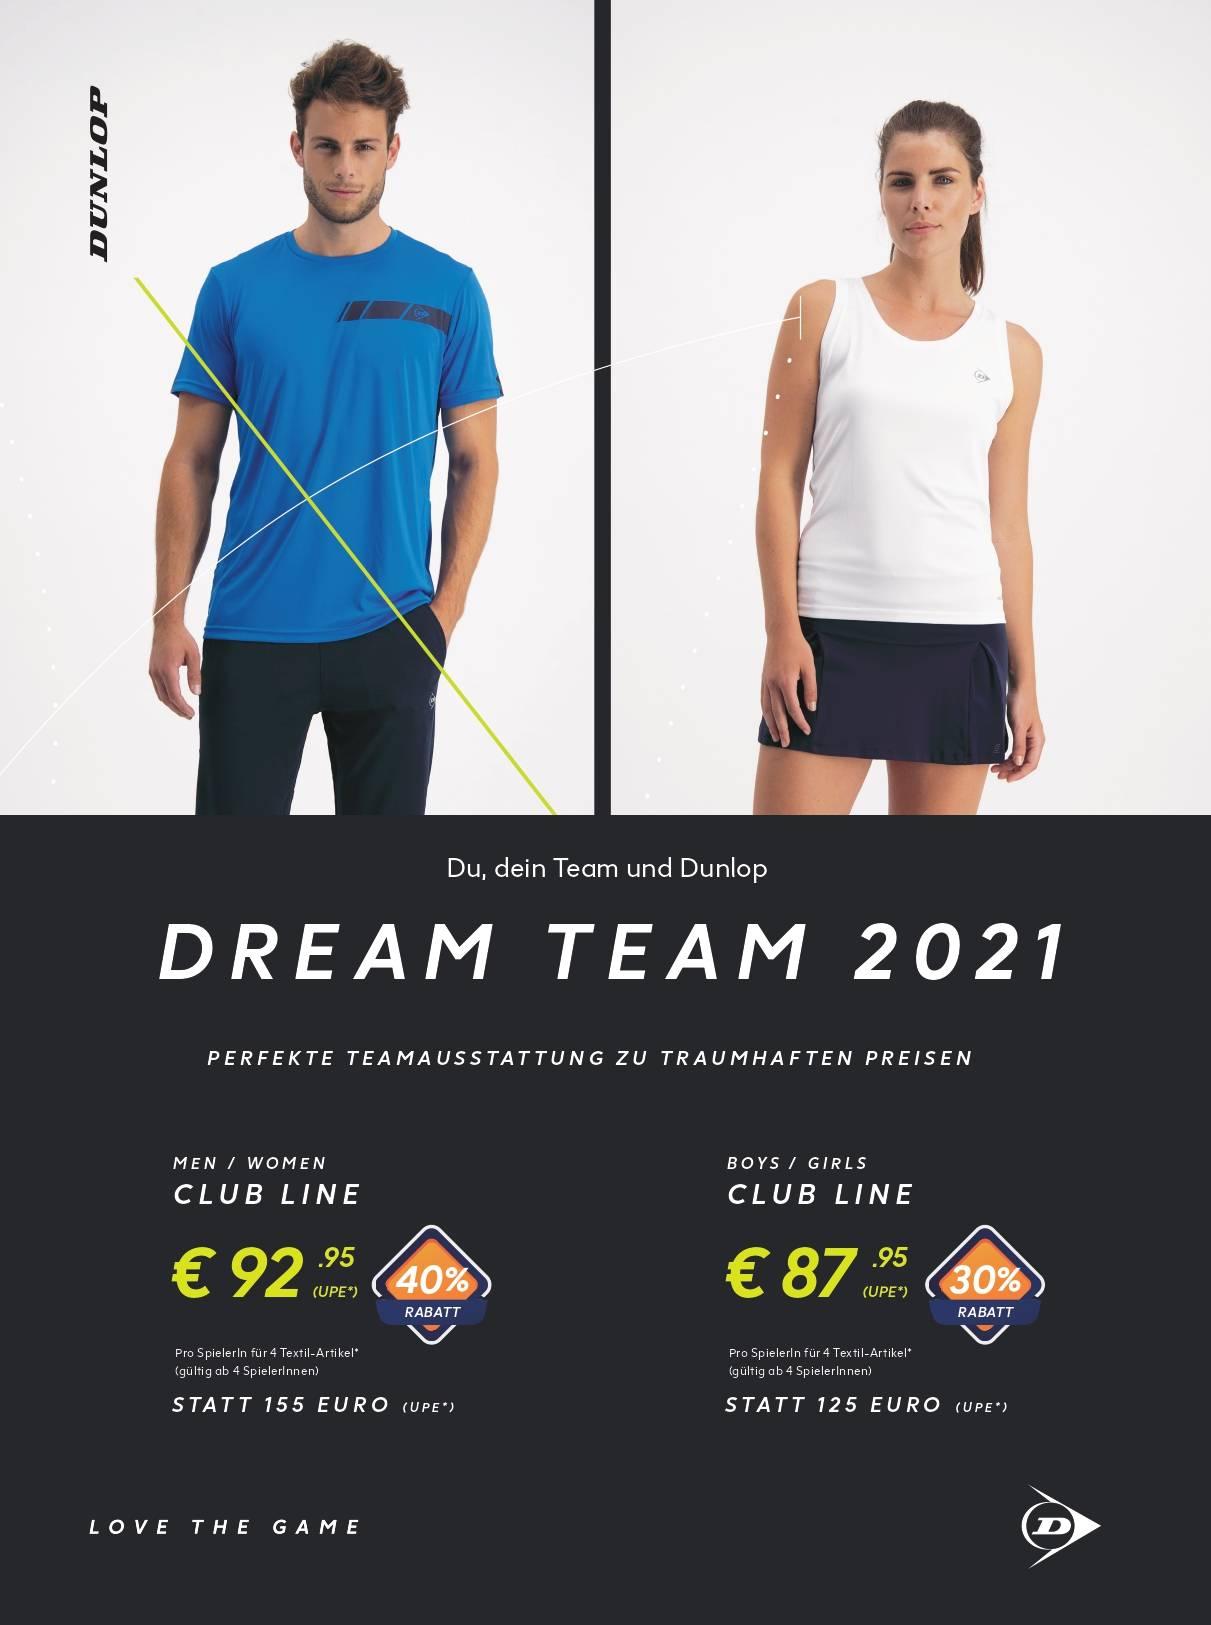 DUNLOP DREAM TEAM 2021